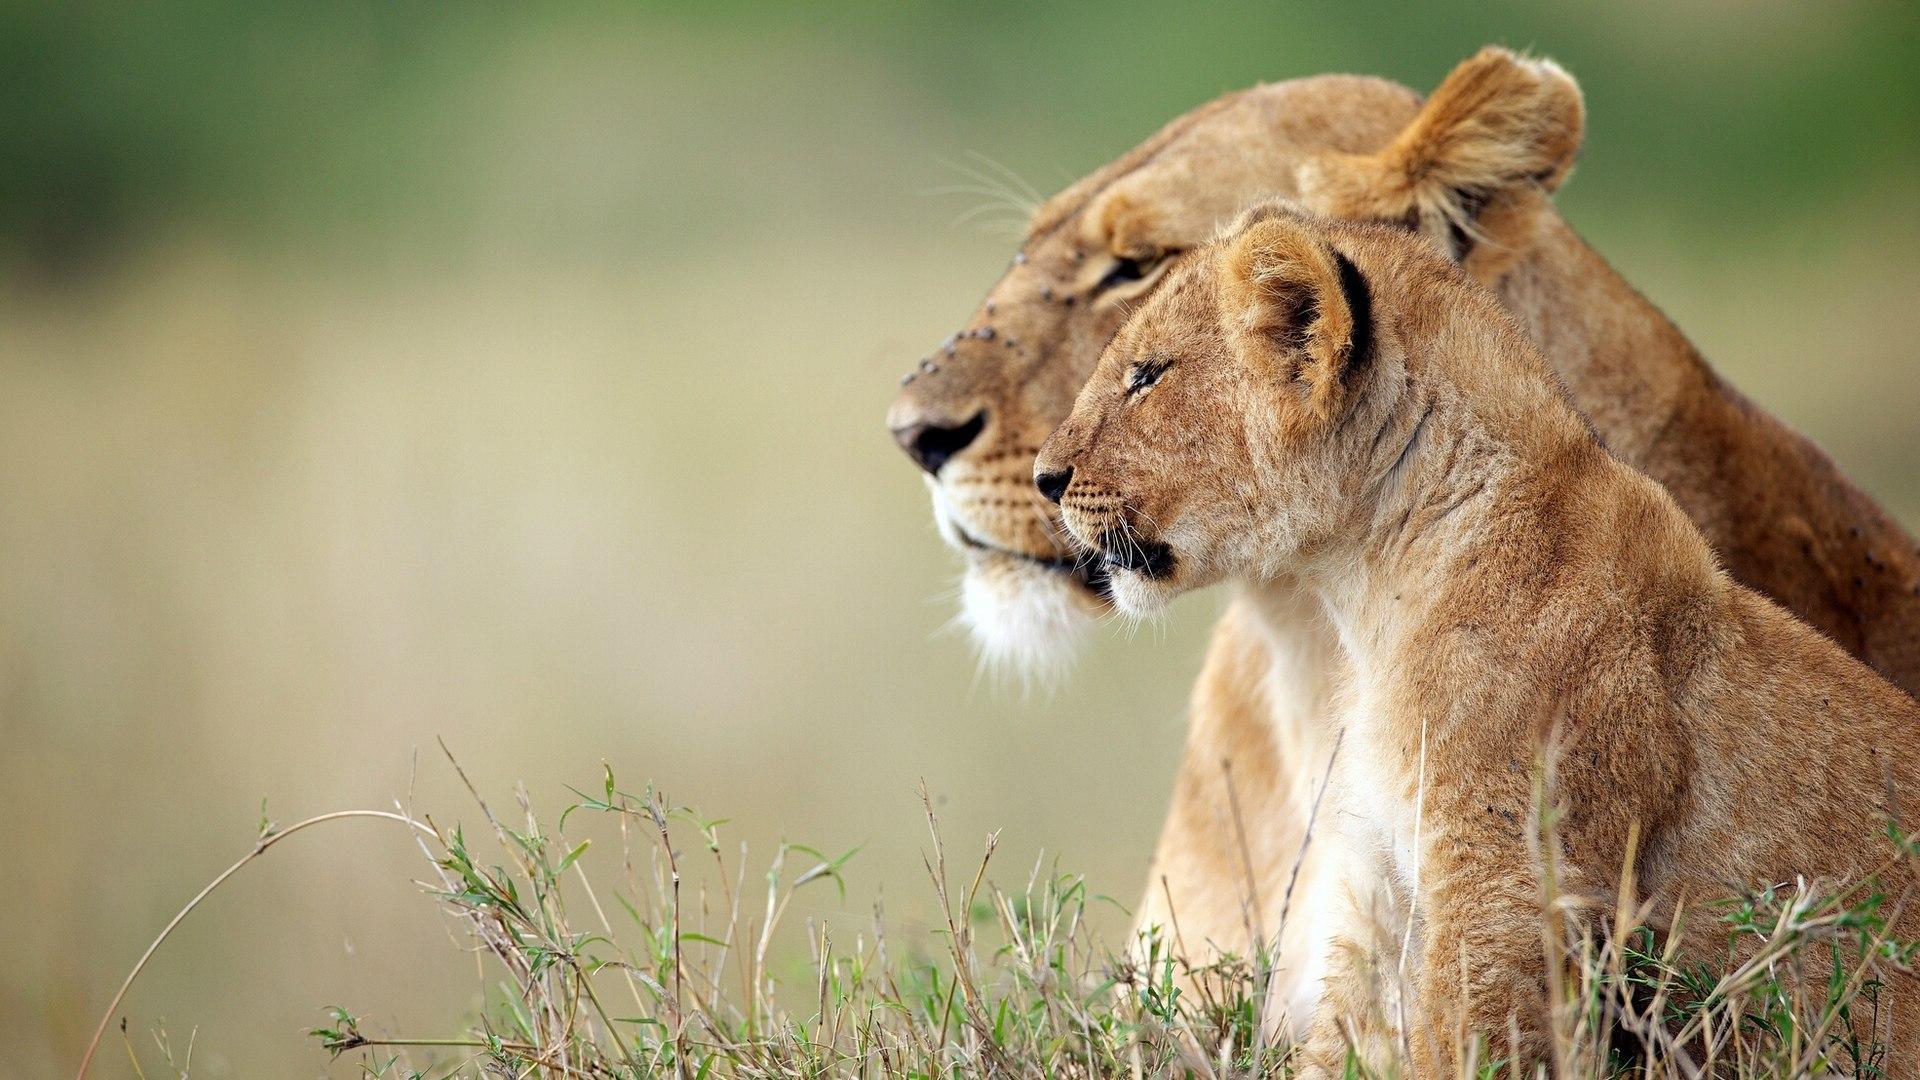 Обои на рабочий стол широкоформатные львы